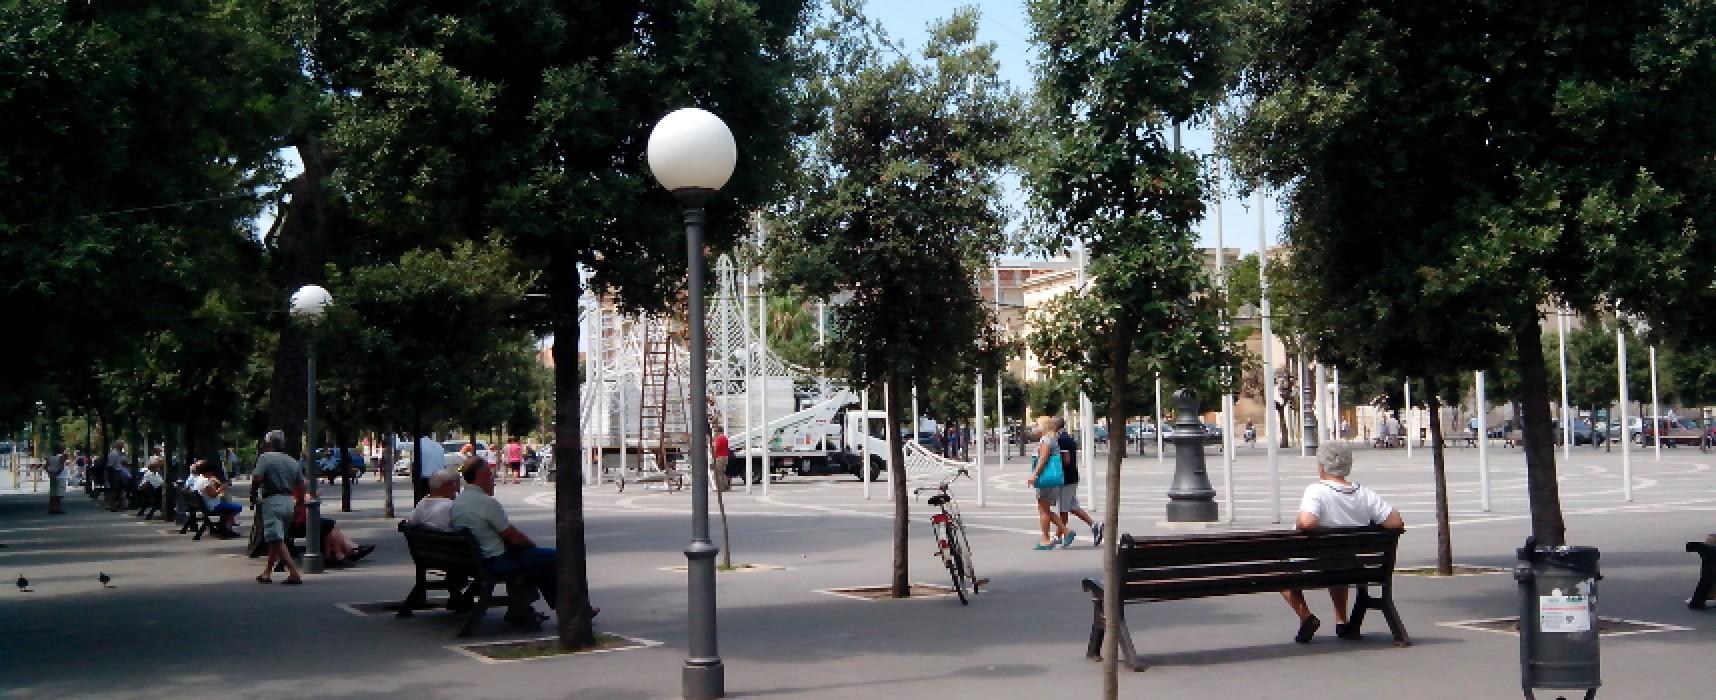 Arriva Ferragosto: serate danzanti in Piazza Vittorio Emanuele oggi e domani